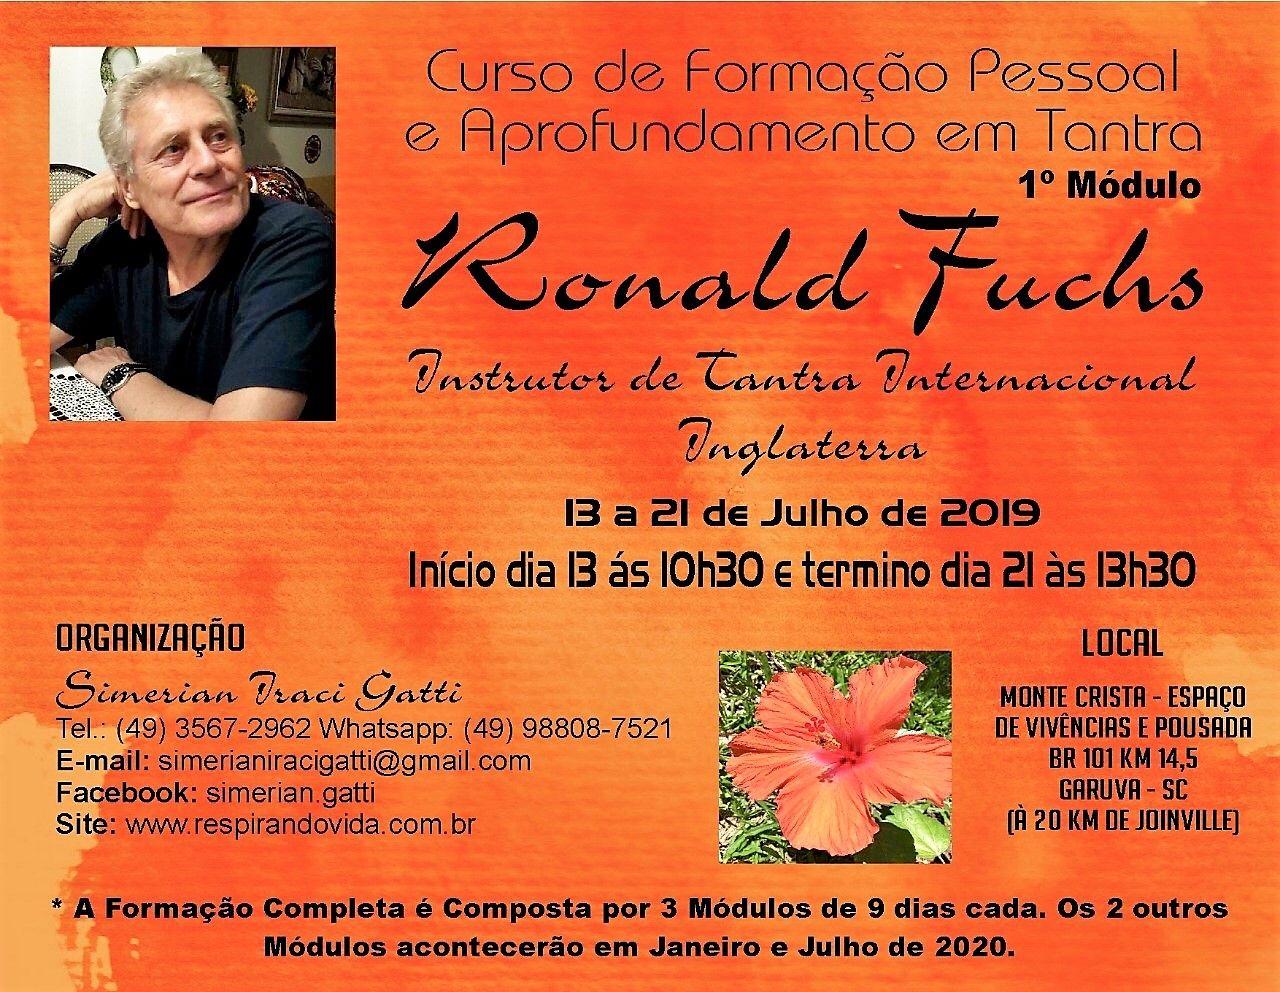 Formação Pessoal e Aprofundamento em Tantra do 13 ao 21 de Julho Garuva (Brasil)